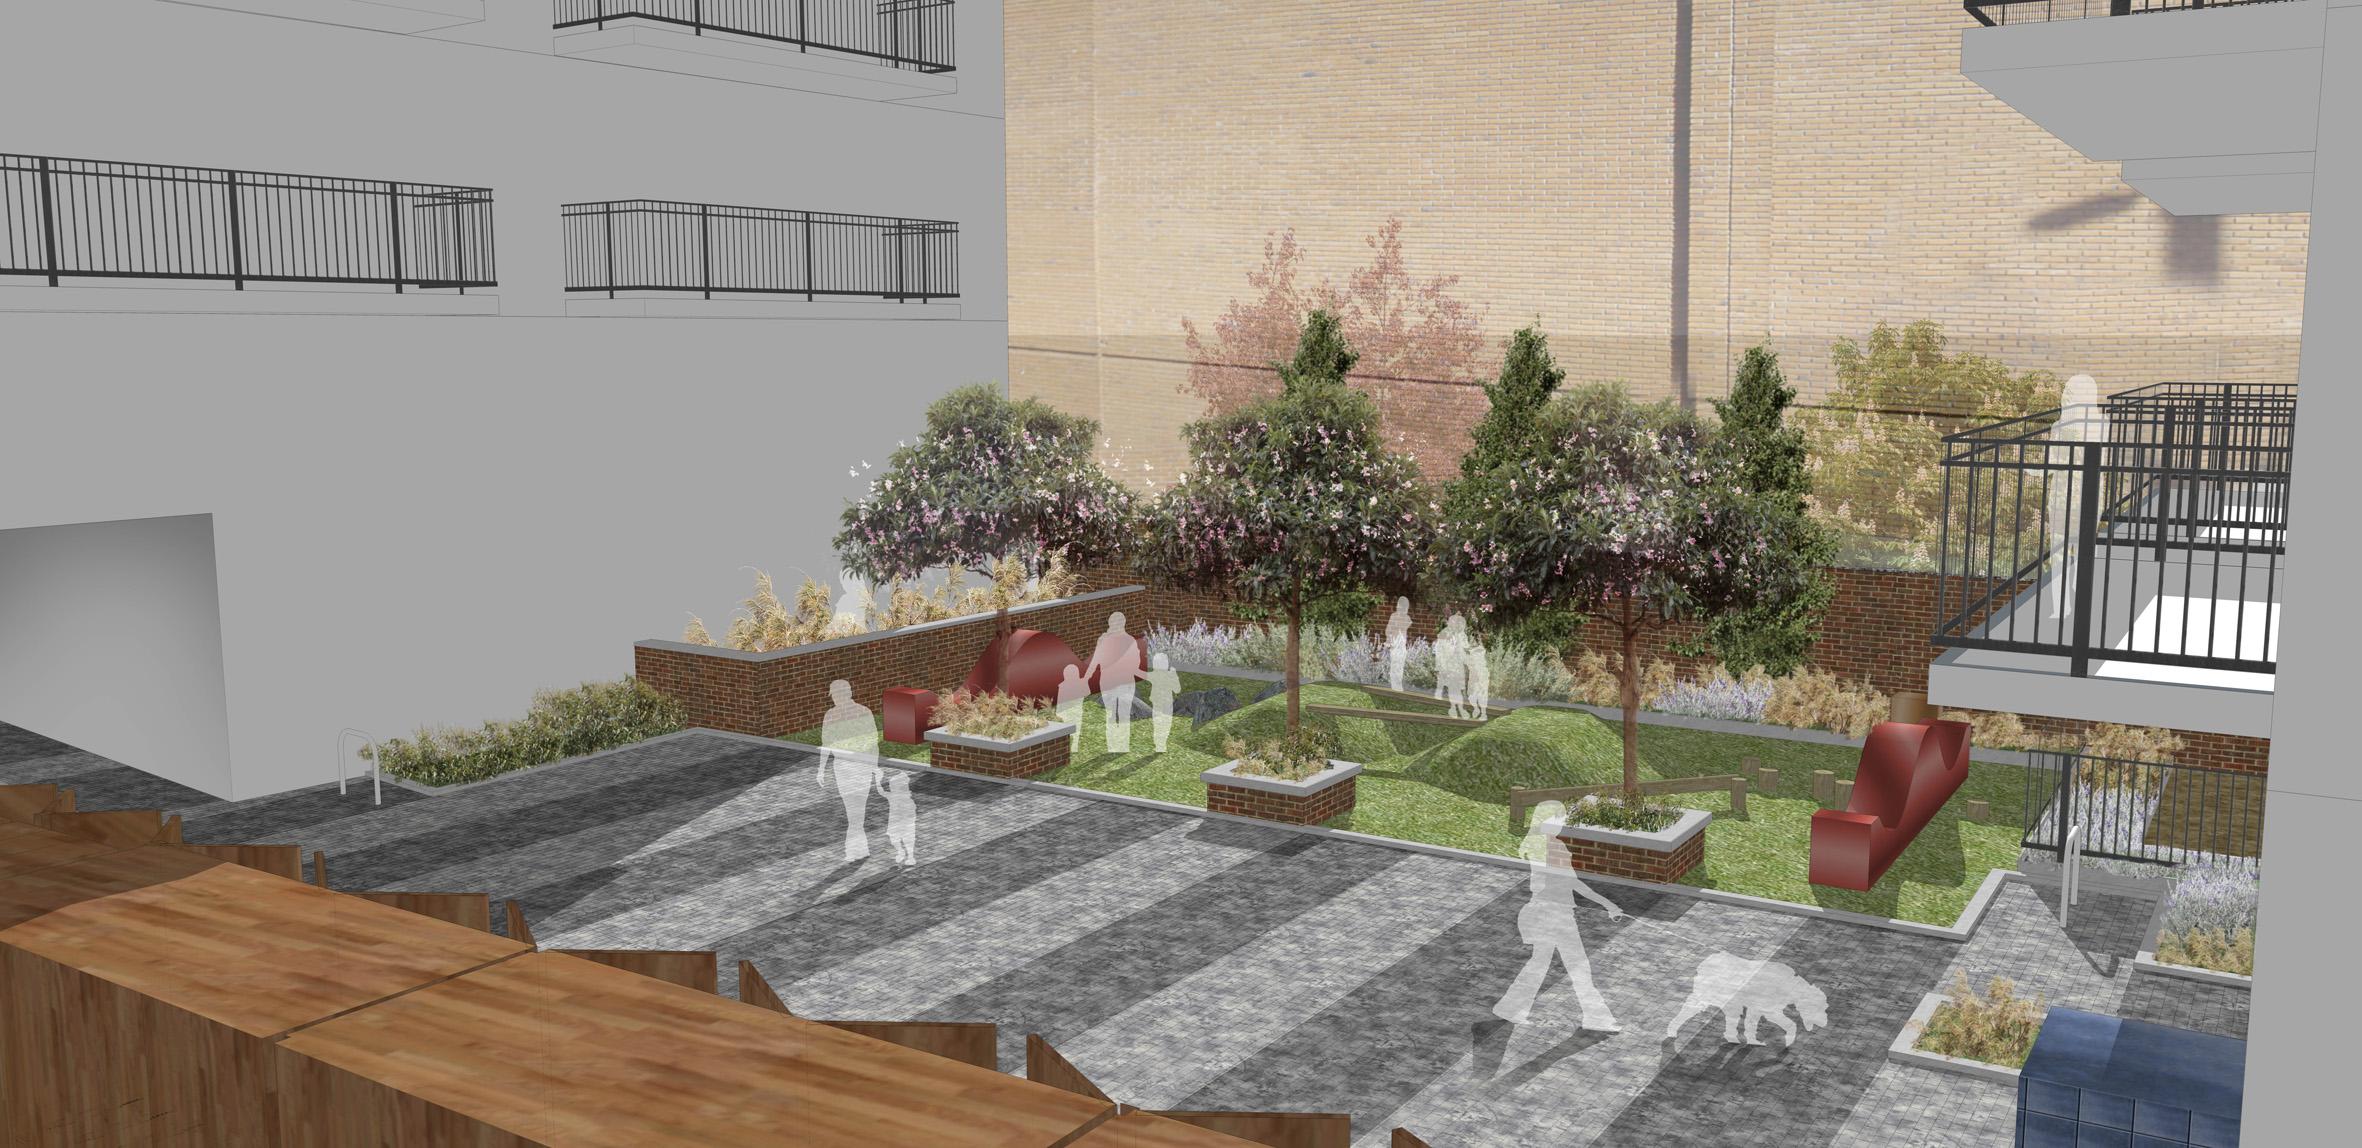 Bow road london davis landscape architects for Courtyard landscape architecture